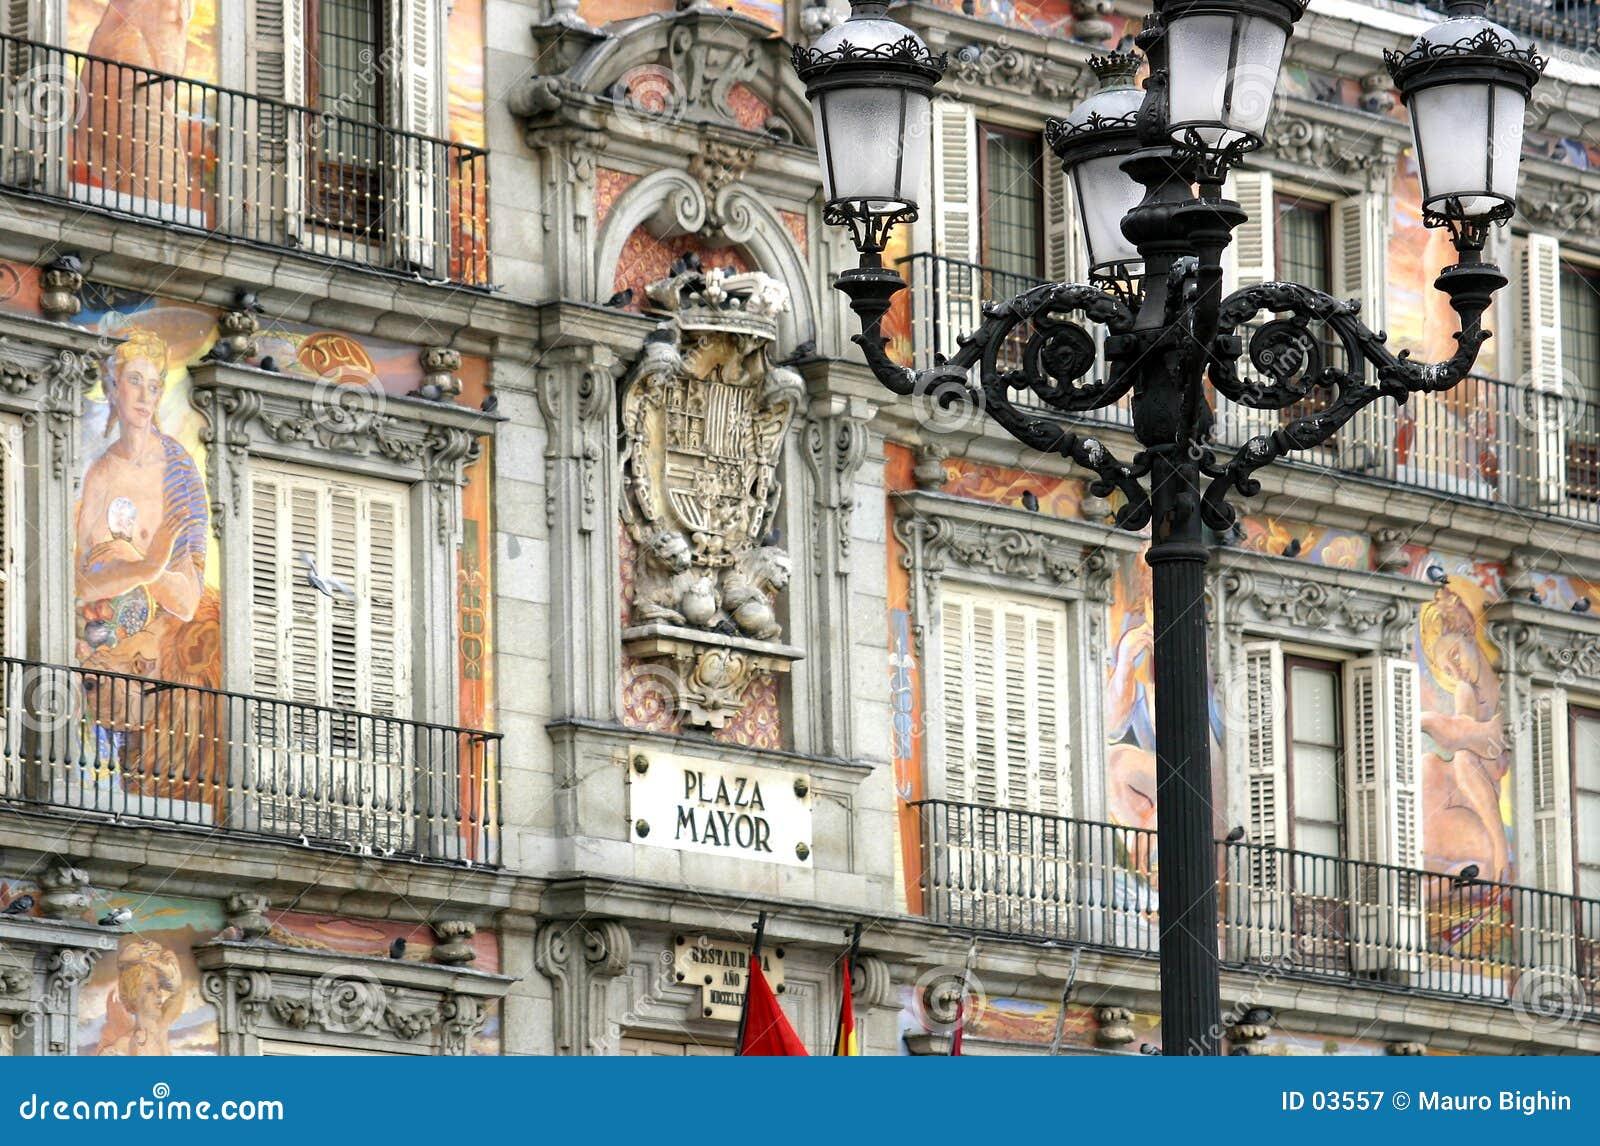 Madrid - maire de plaza